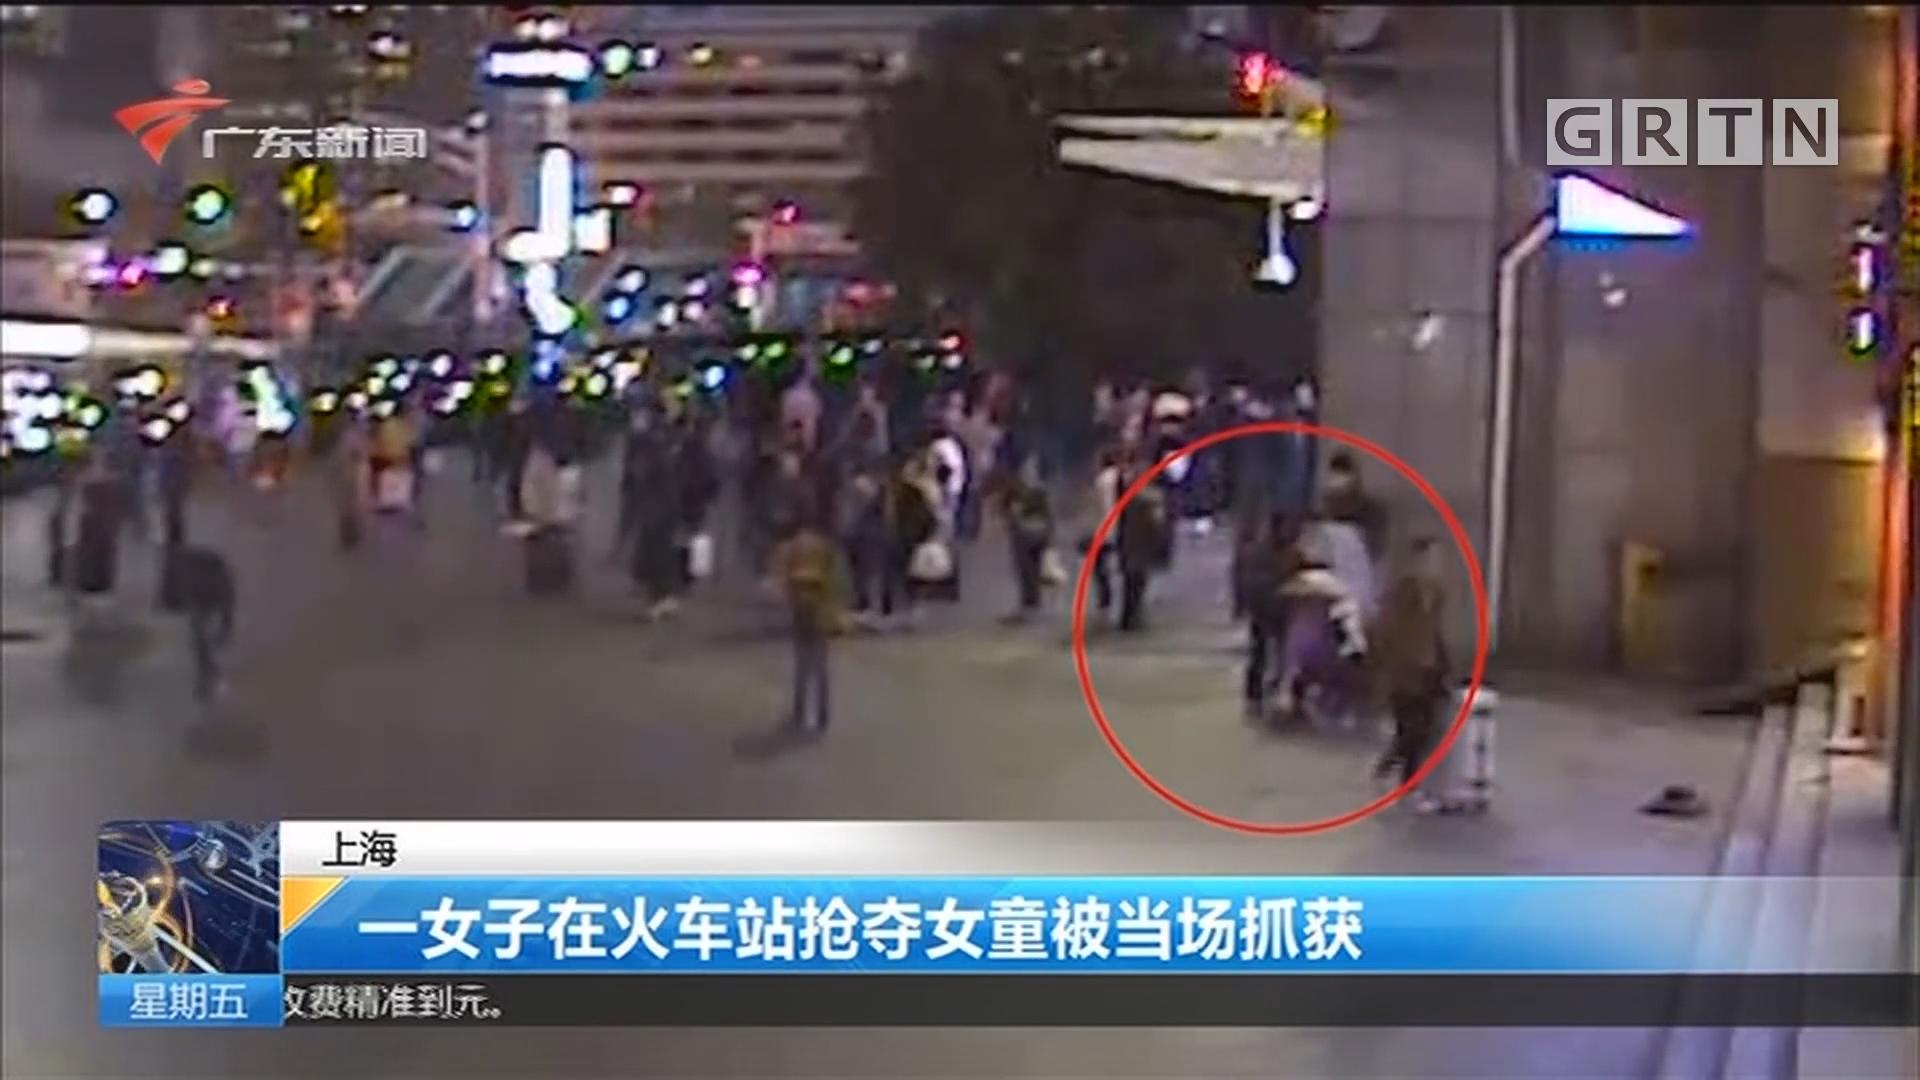 上海 一女子在火车站抢夺女童被当场抓获